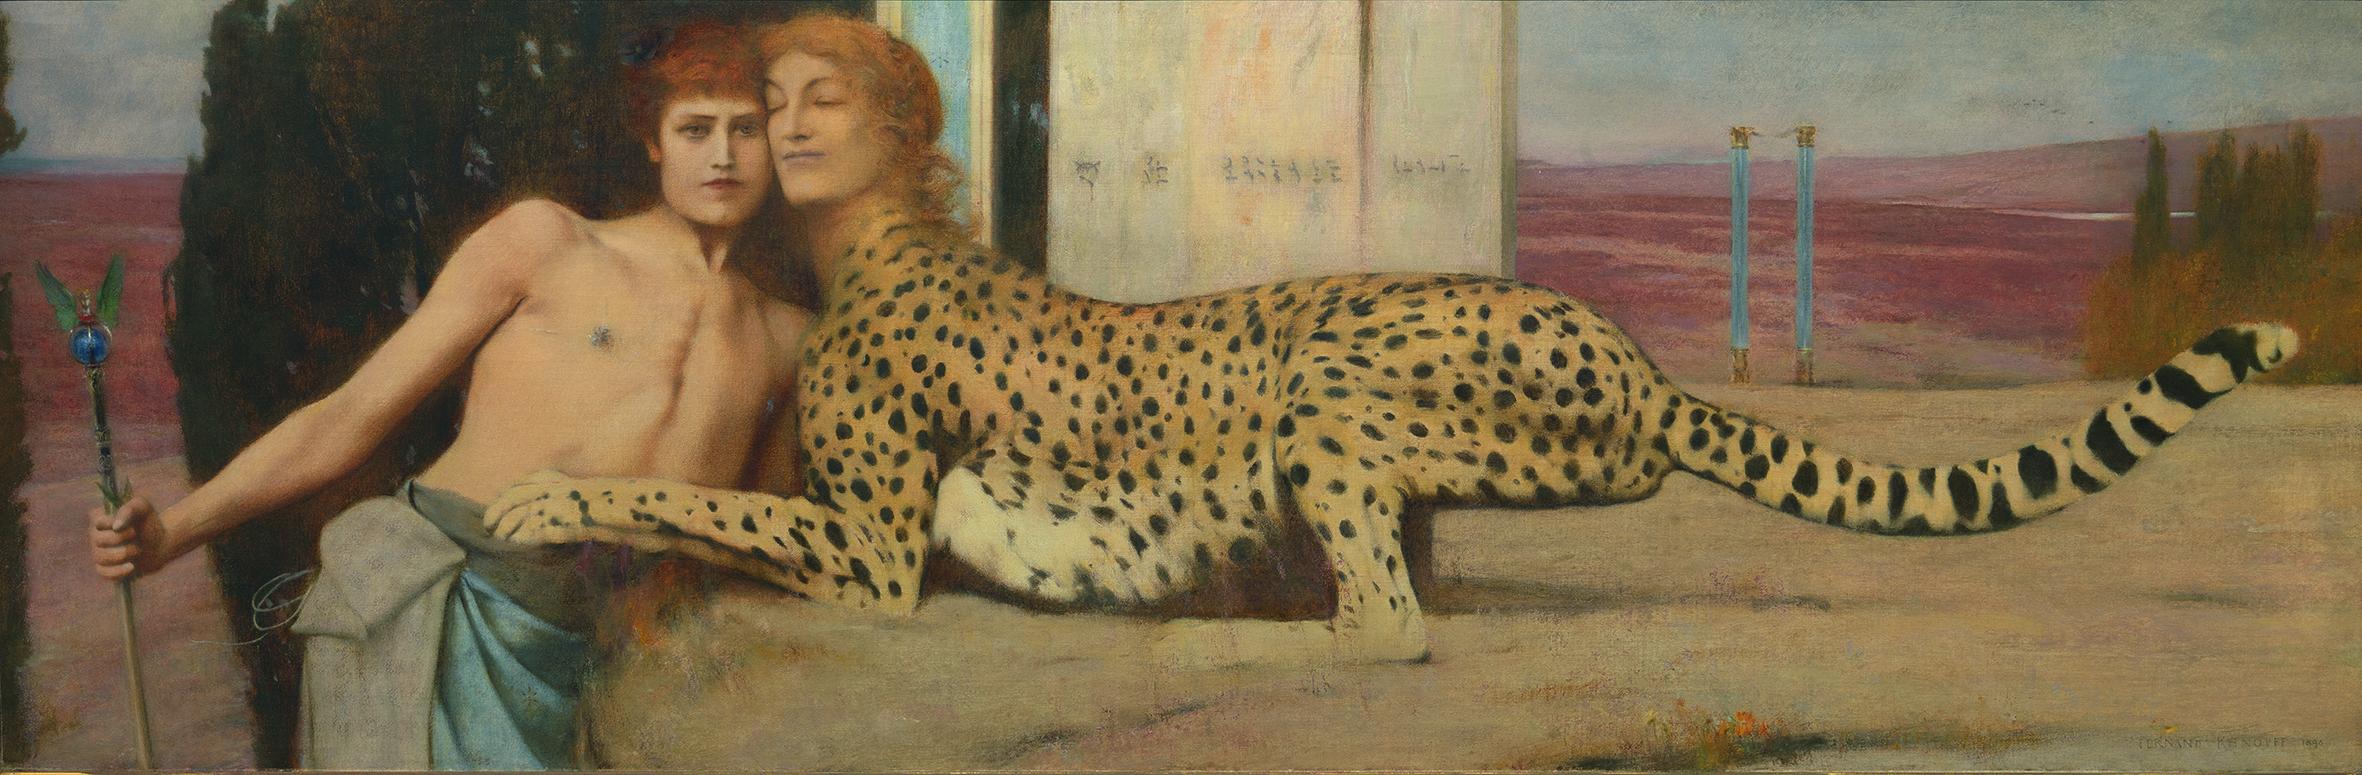 """Résultat de recherche d'images pour """"fernand khnopff, l'art ou des caresses, petit palais"""""""